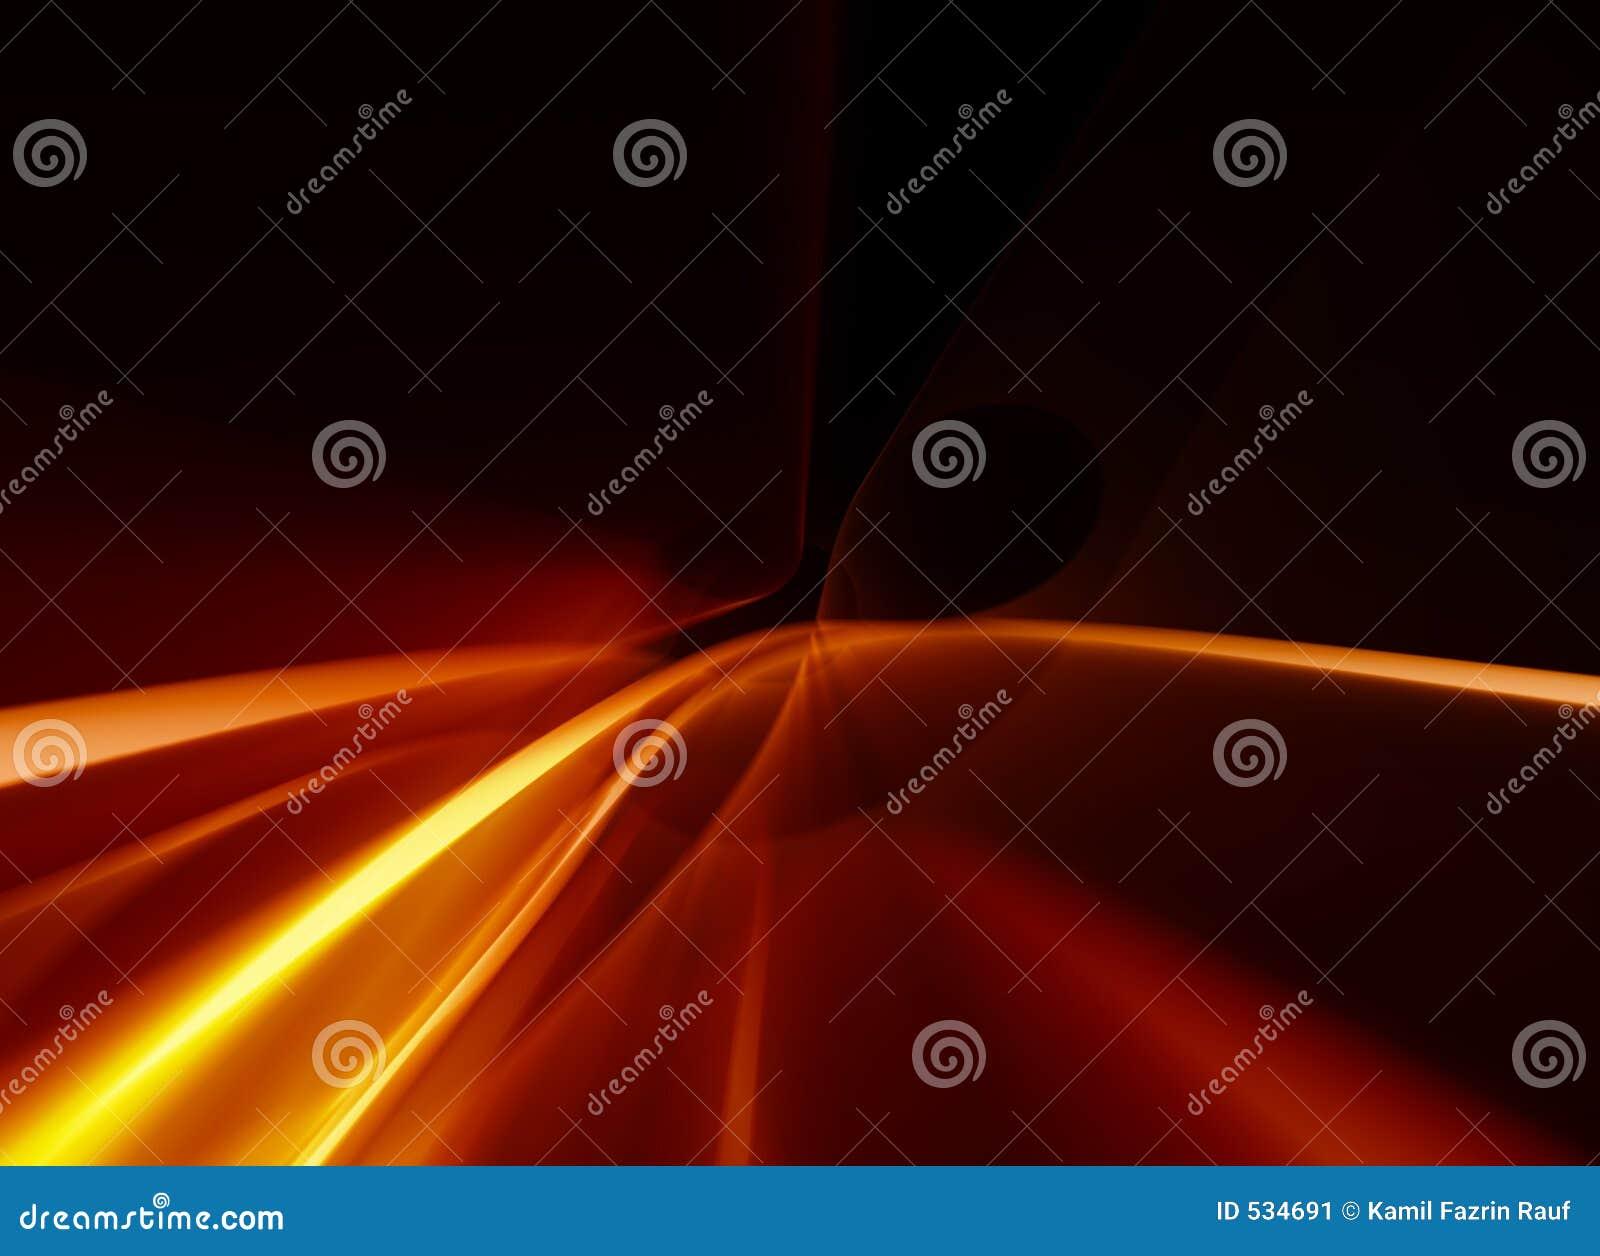 Light effects 14